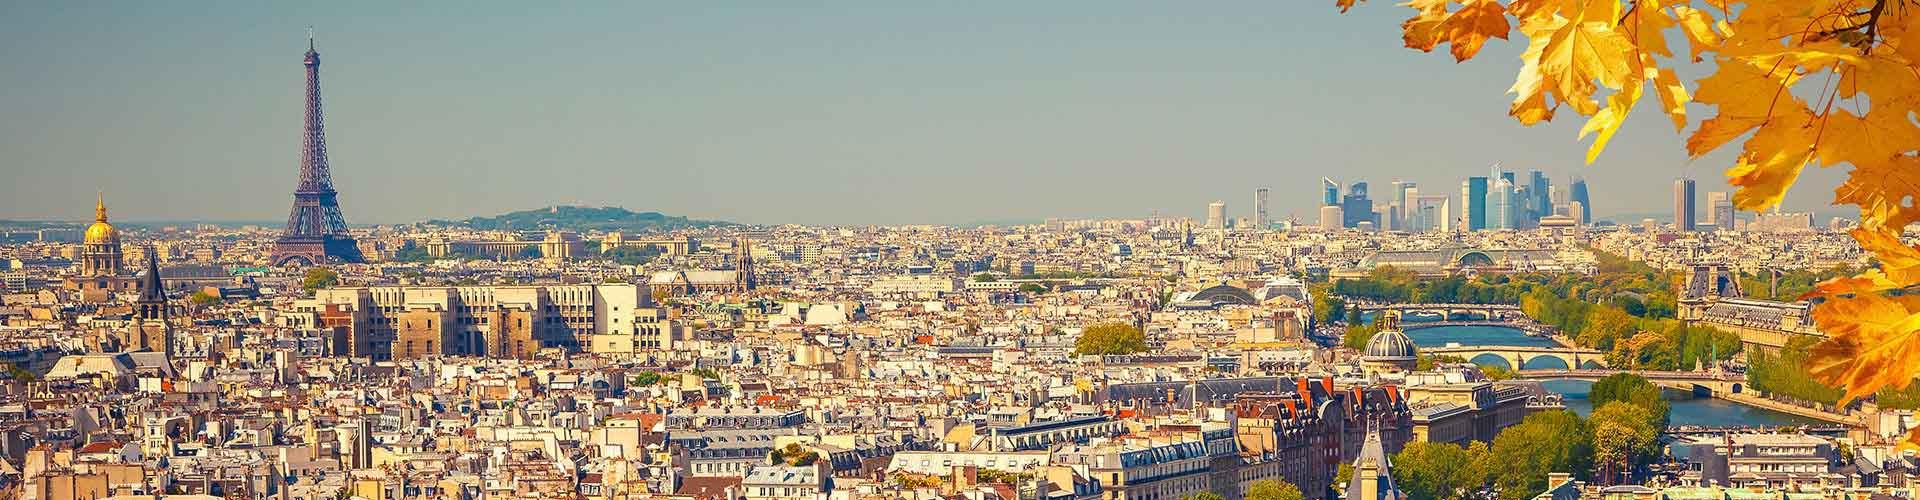 Párizs - Ifjúsági Szállások Párizsben. Párizs térképek, fotók és ajánlások minden egyes ifjúsági szállásokra Párizs-ben.